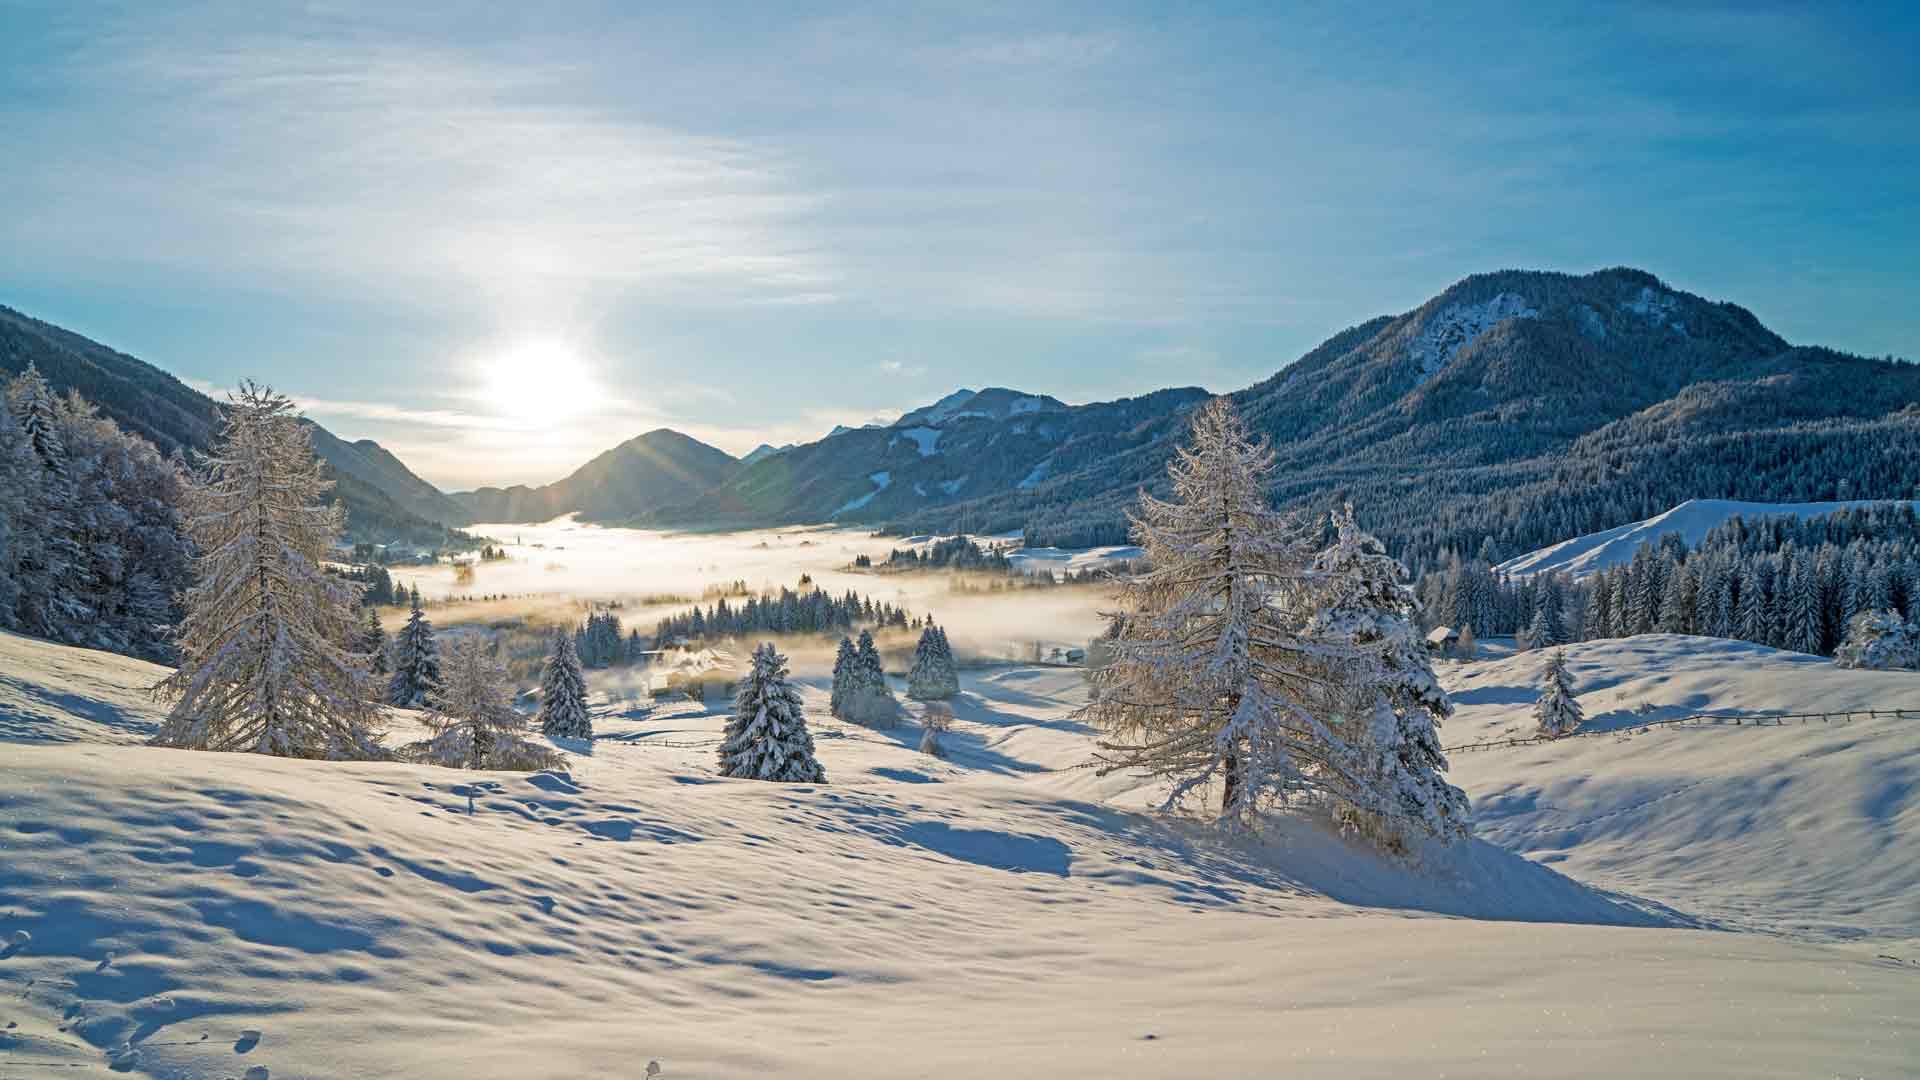 Winterurlaub am Weissensee